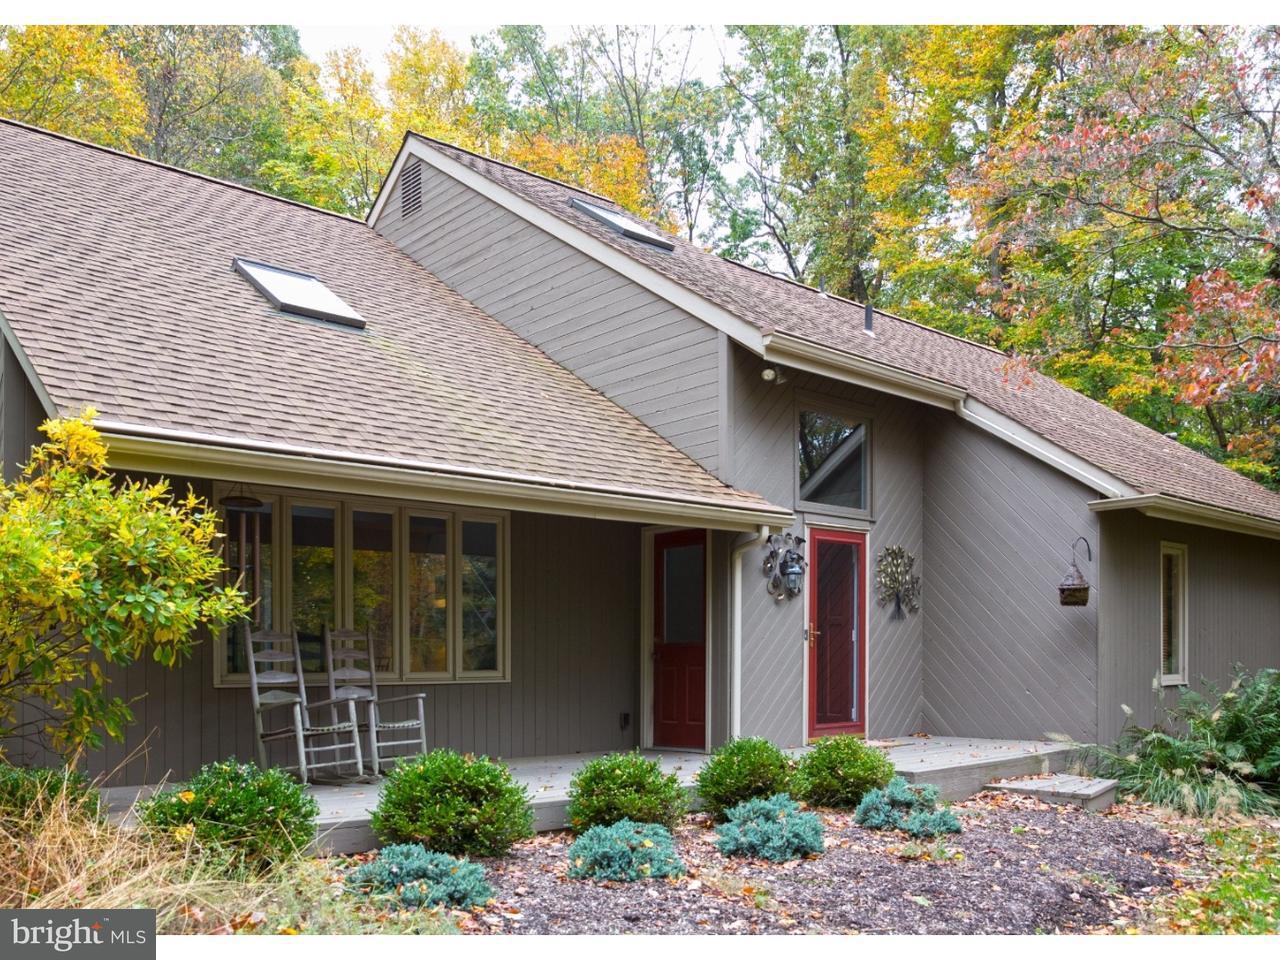 Частный односемейный дом для того Аренда на 6026 HIDDEN VALLEY Drive Doylestown, Пенсильвания 18902 Соединенные ШтатыВ/Около: Solebury Township